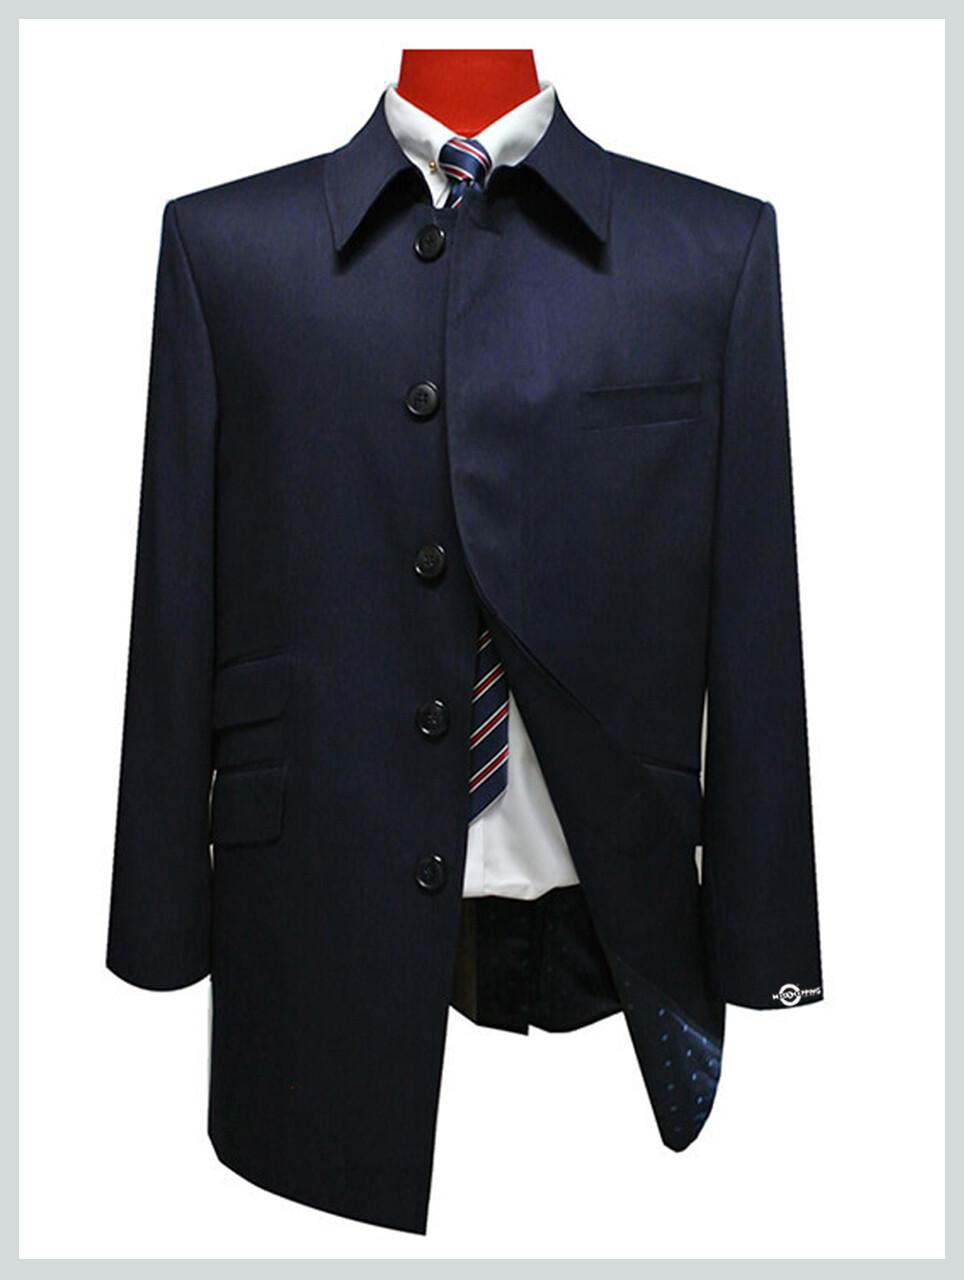 Original Mod Style Tailor Made Vintage Navy Blue Mac Coat For Men